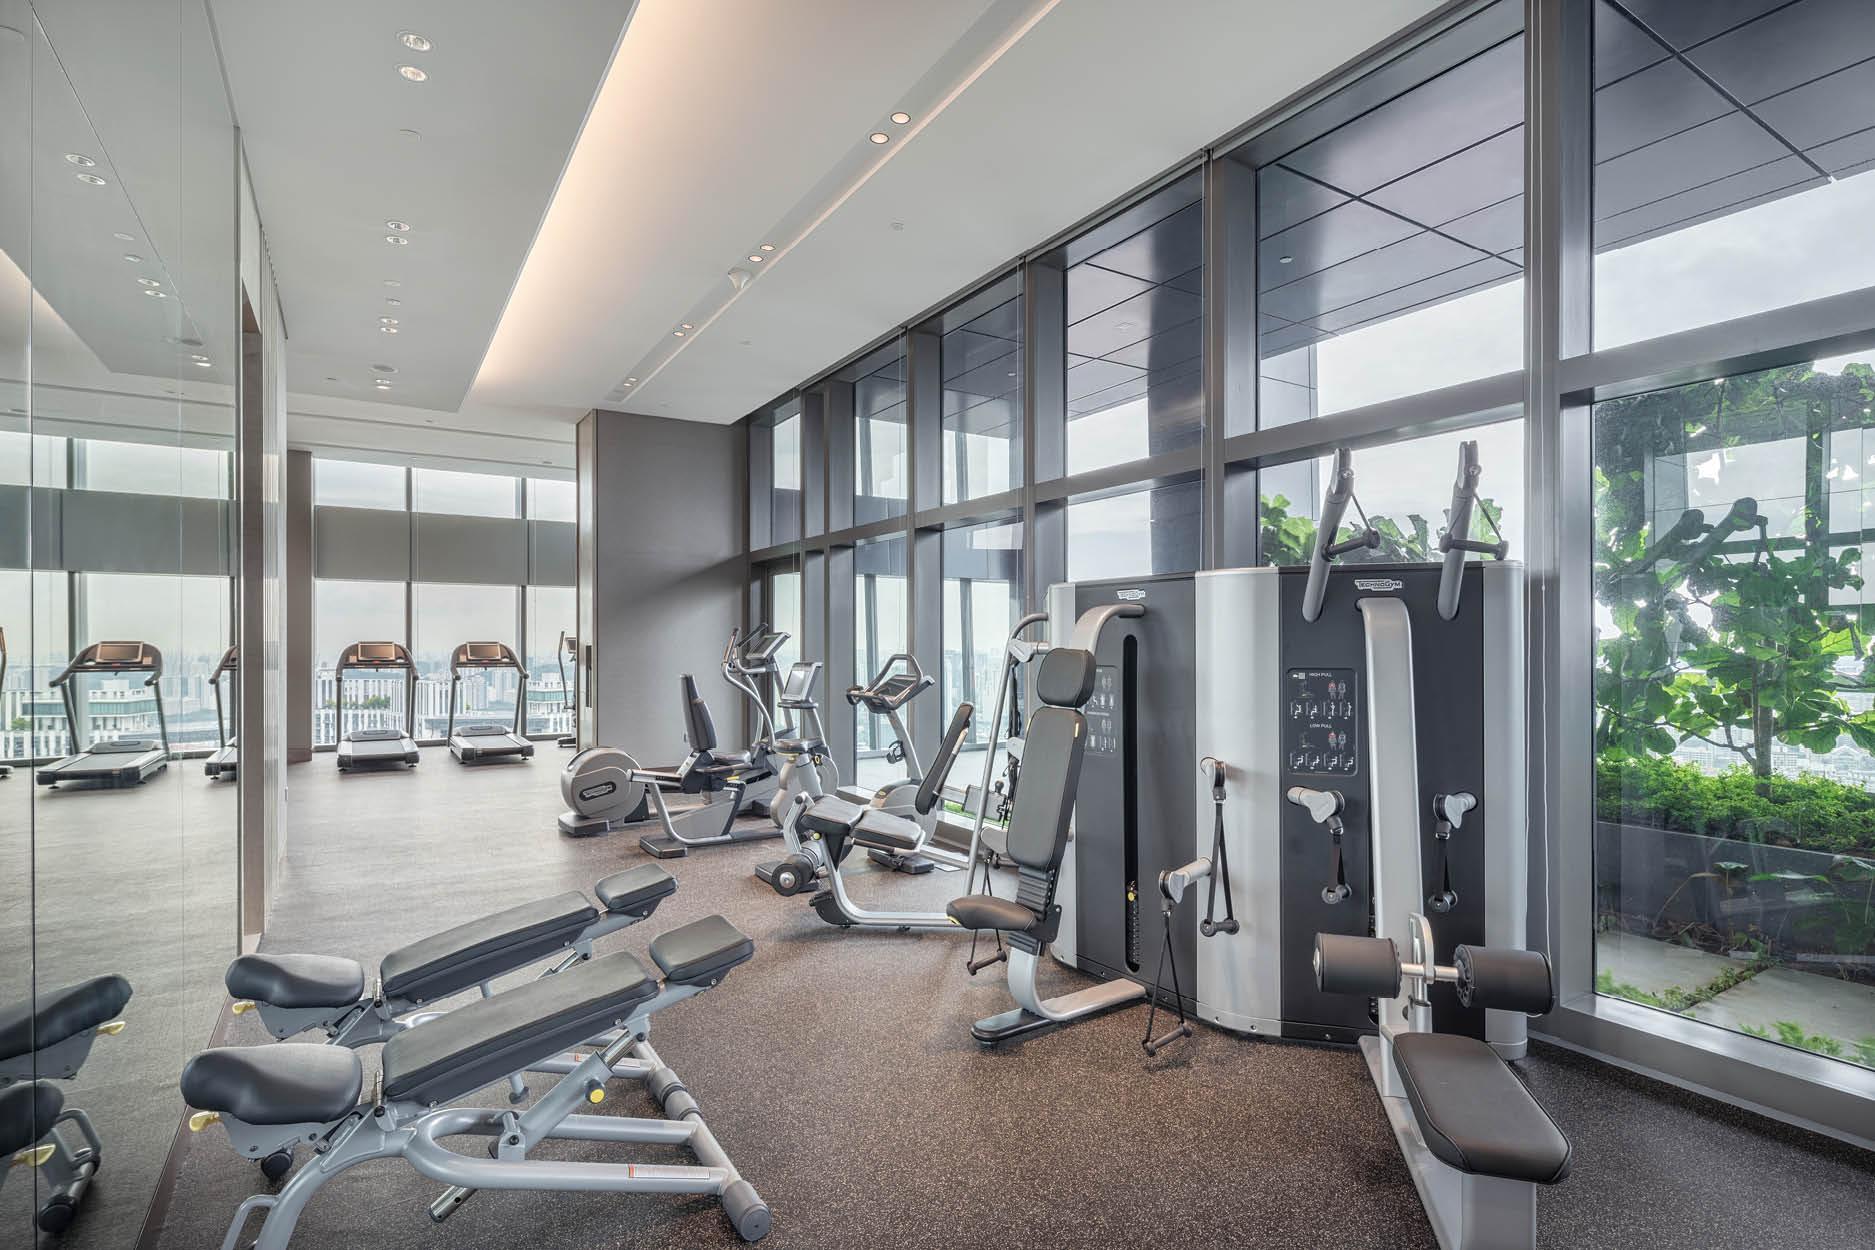 华利世家 wallich residence gym indoor